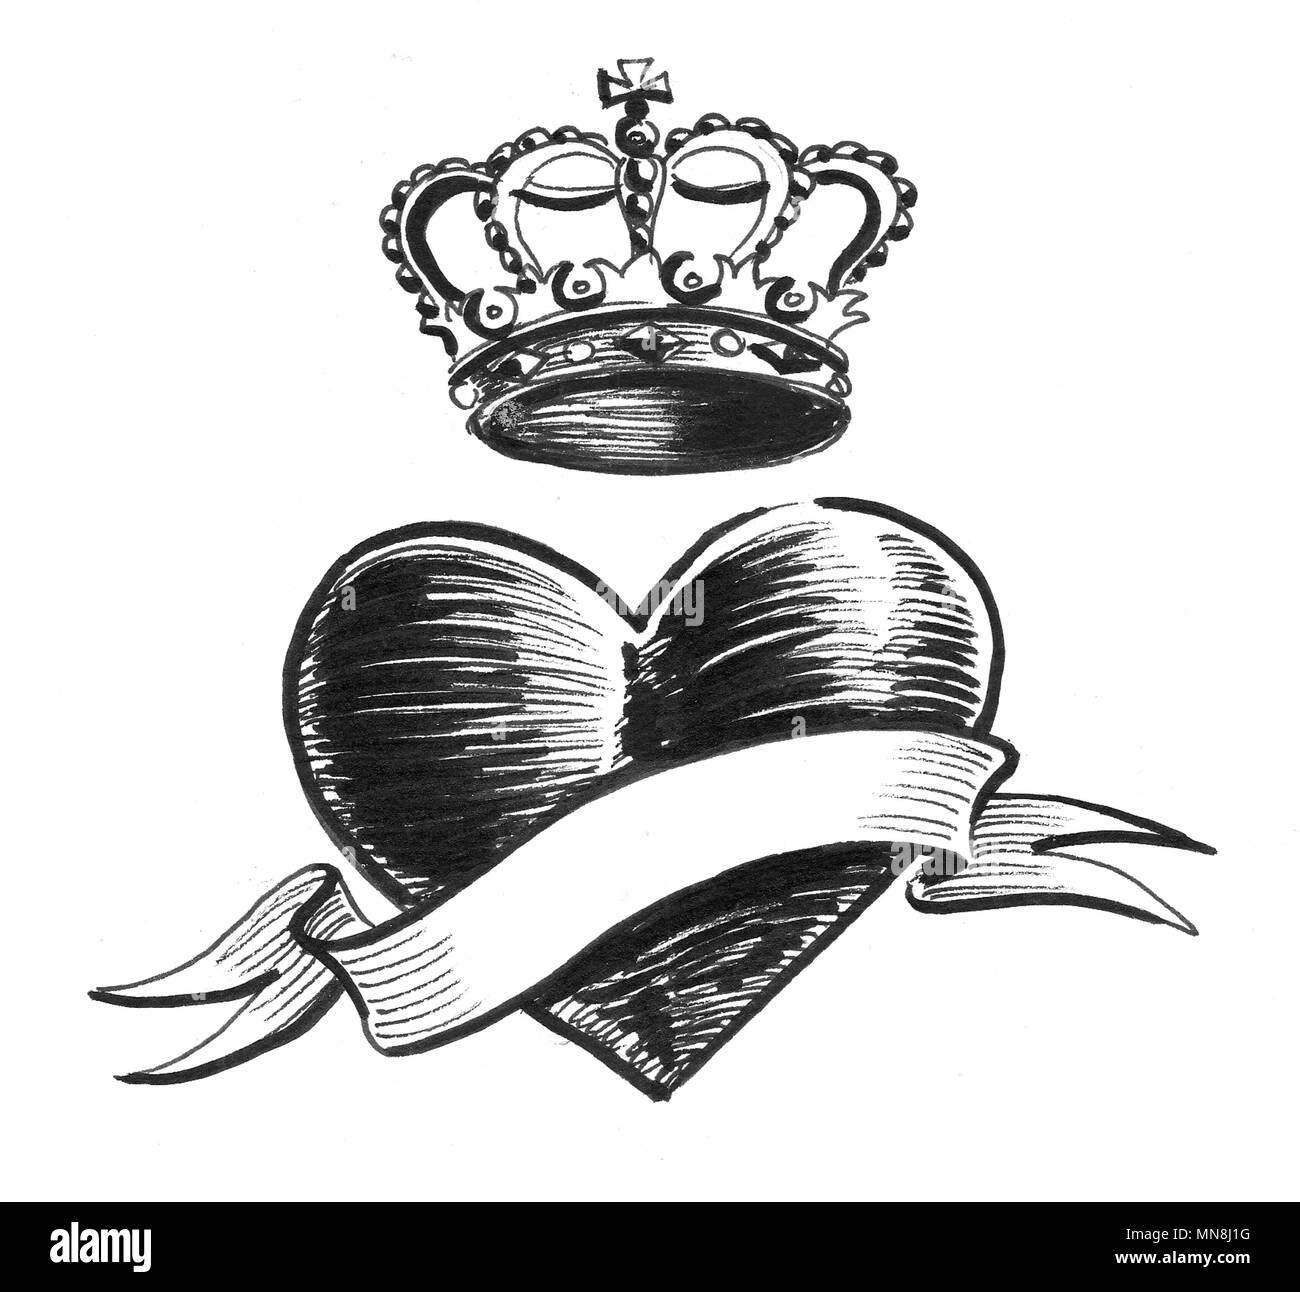 Idees De Fait Main Coeur Dessin Noir Et Blanc